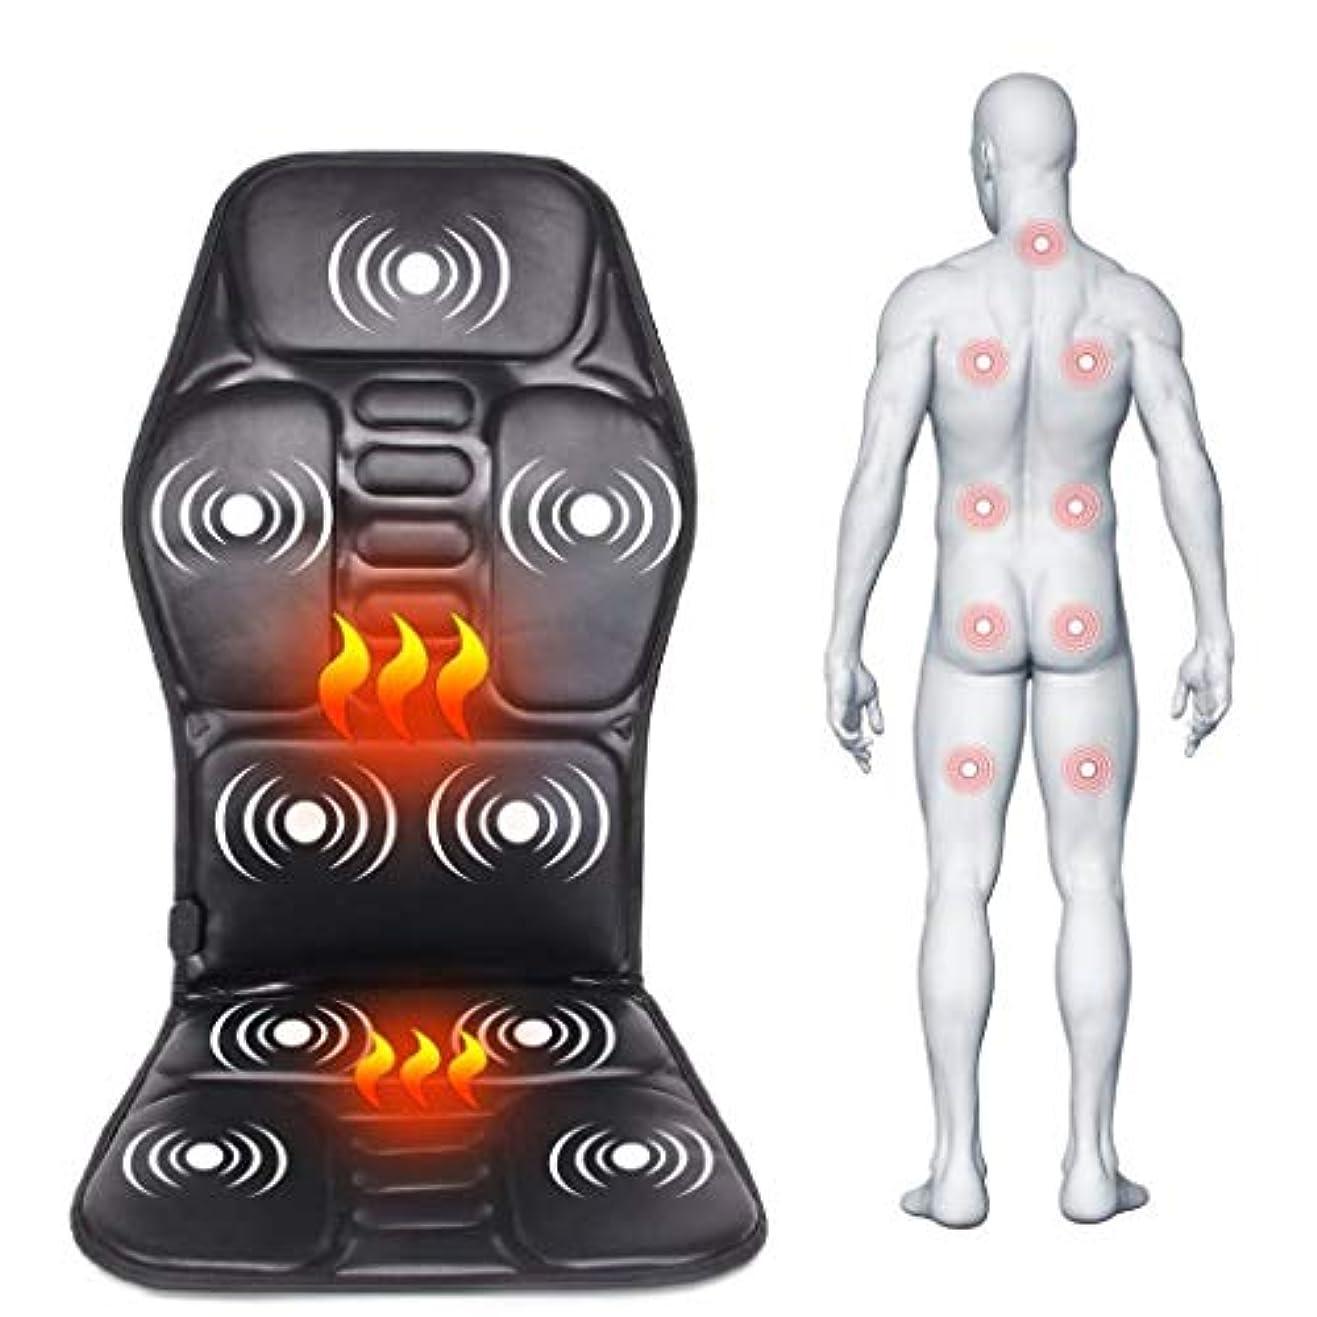 ドナー伝導ちっちゃいマッサージクッション、電動ポータブル暖房/振動/マッサージ、カー/ホーム/オフィスでの使用、腰と首の痛みを和らげるには、血液循環を促進、疲労を和らげます